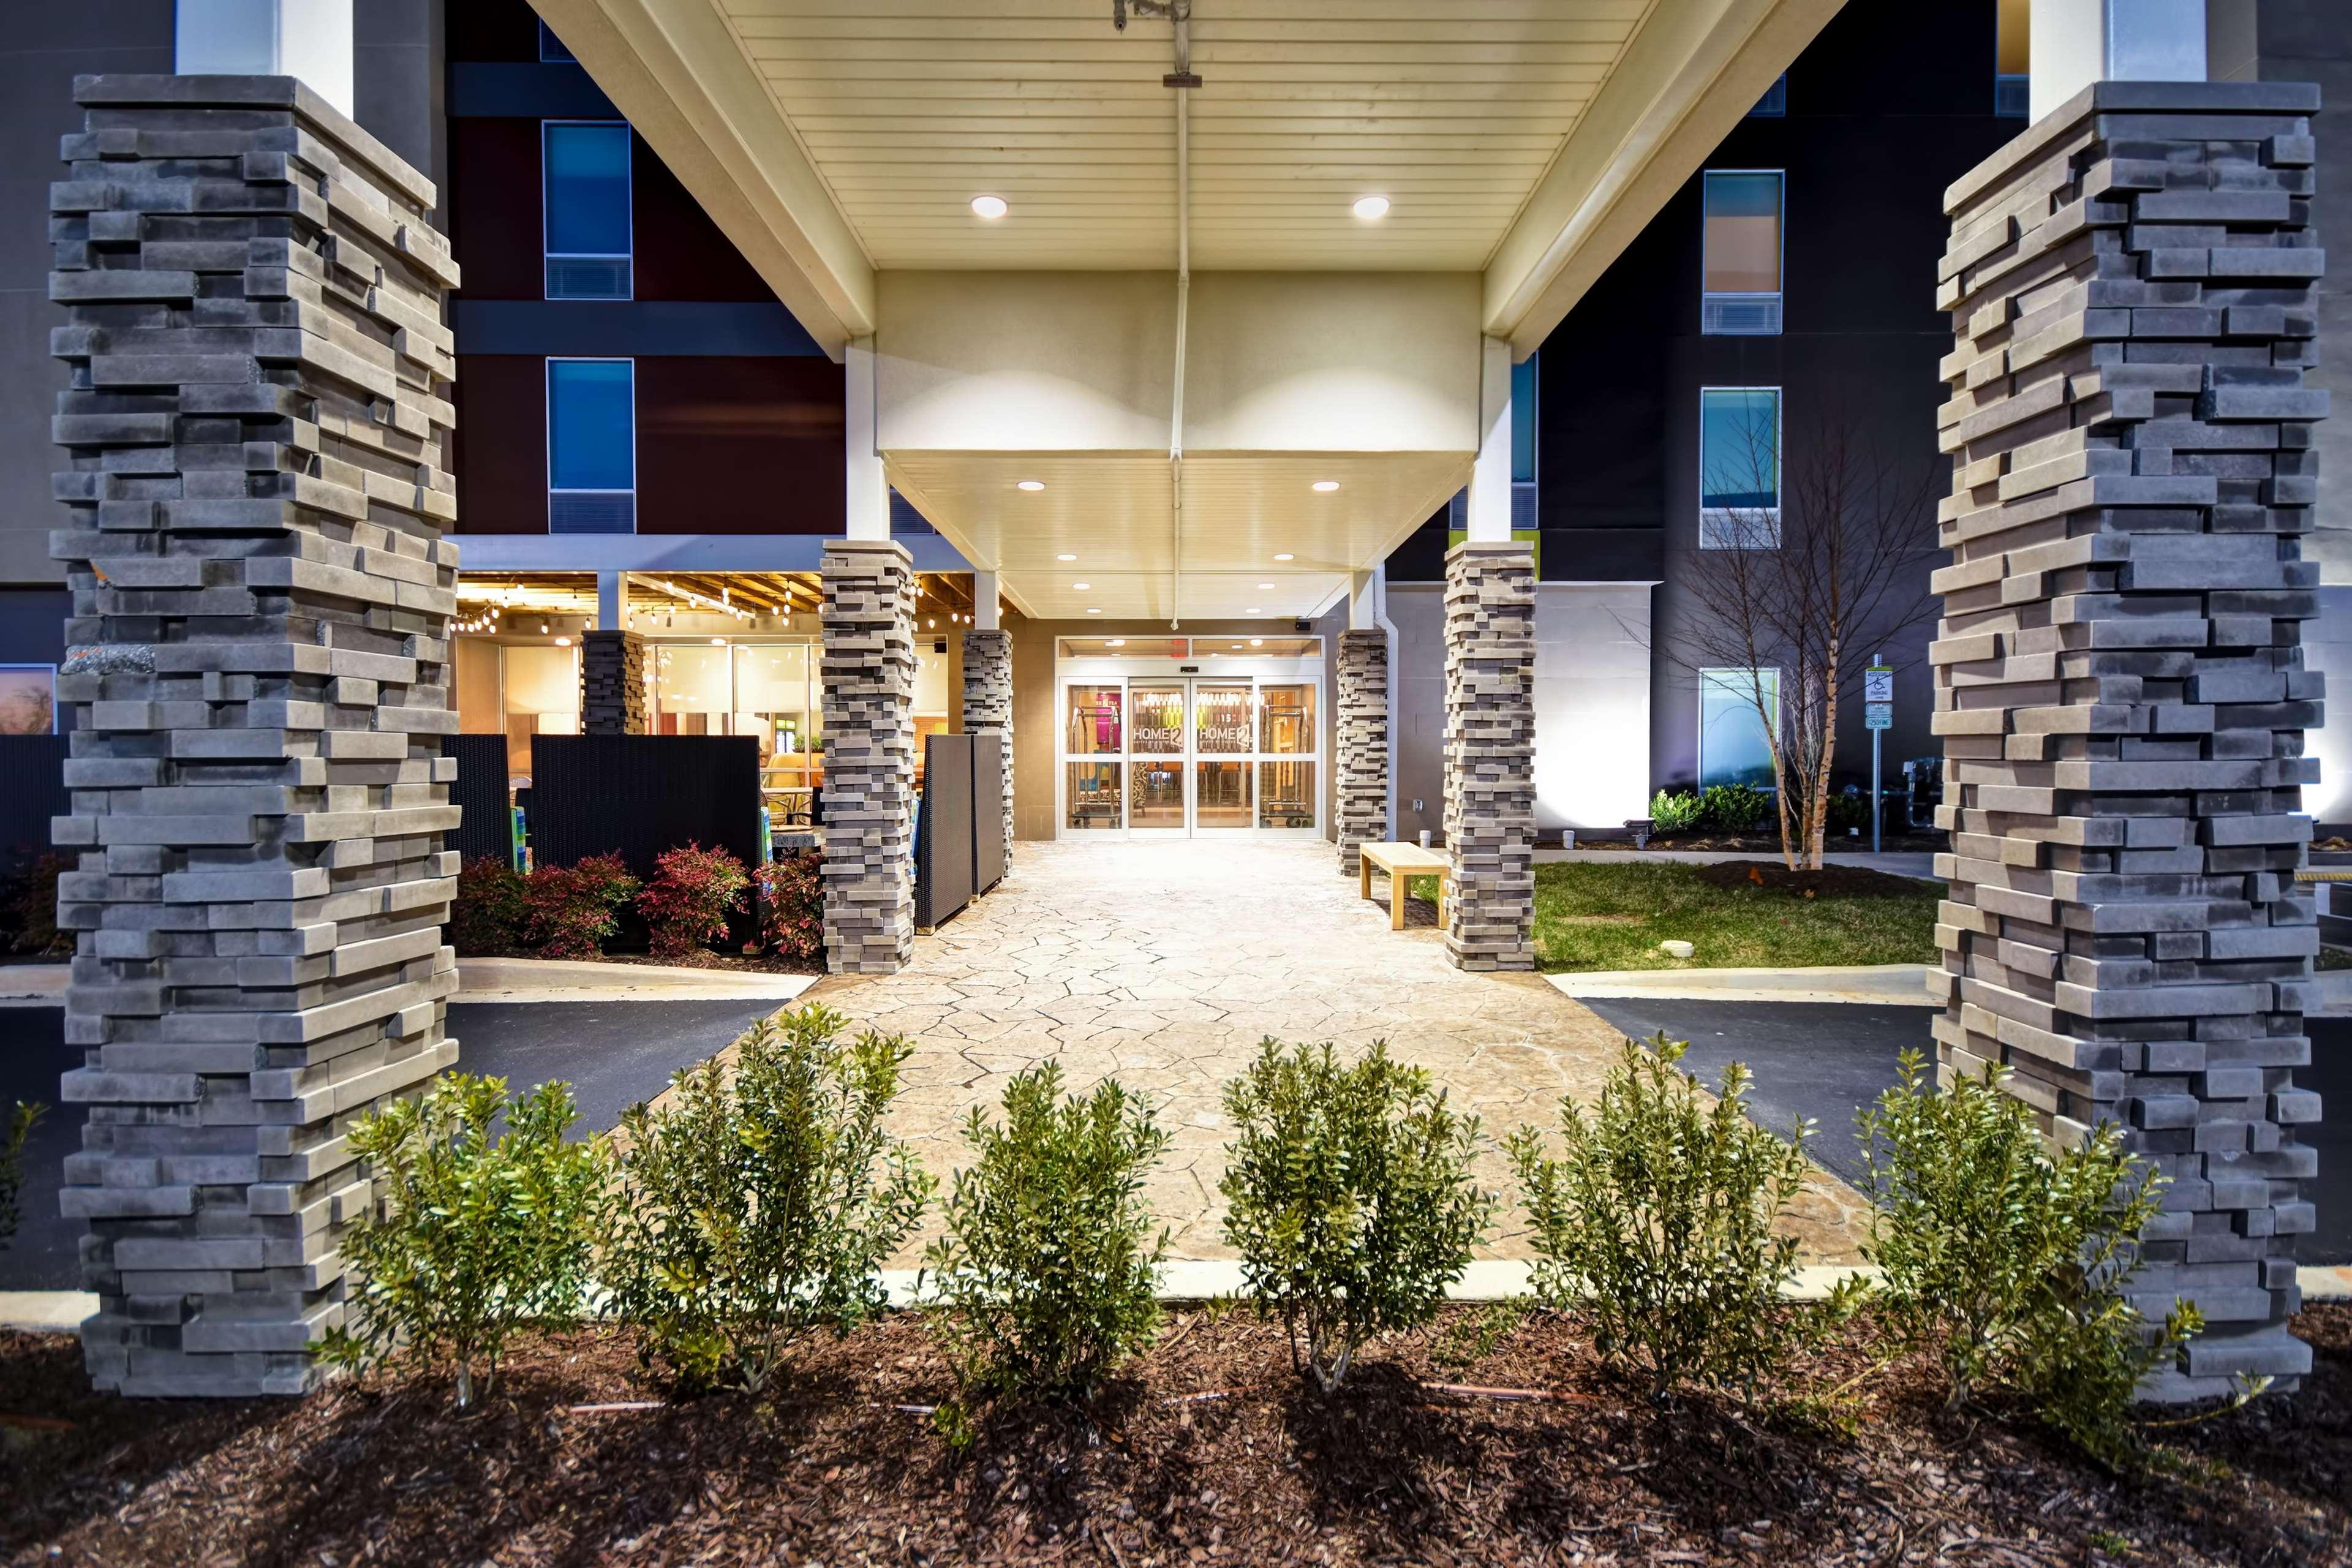 Home2 Suites by Hilton Smyrna Nashville image 4